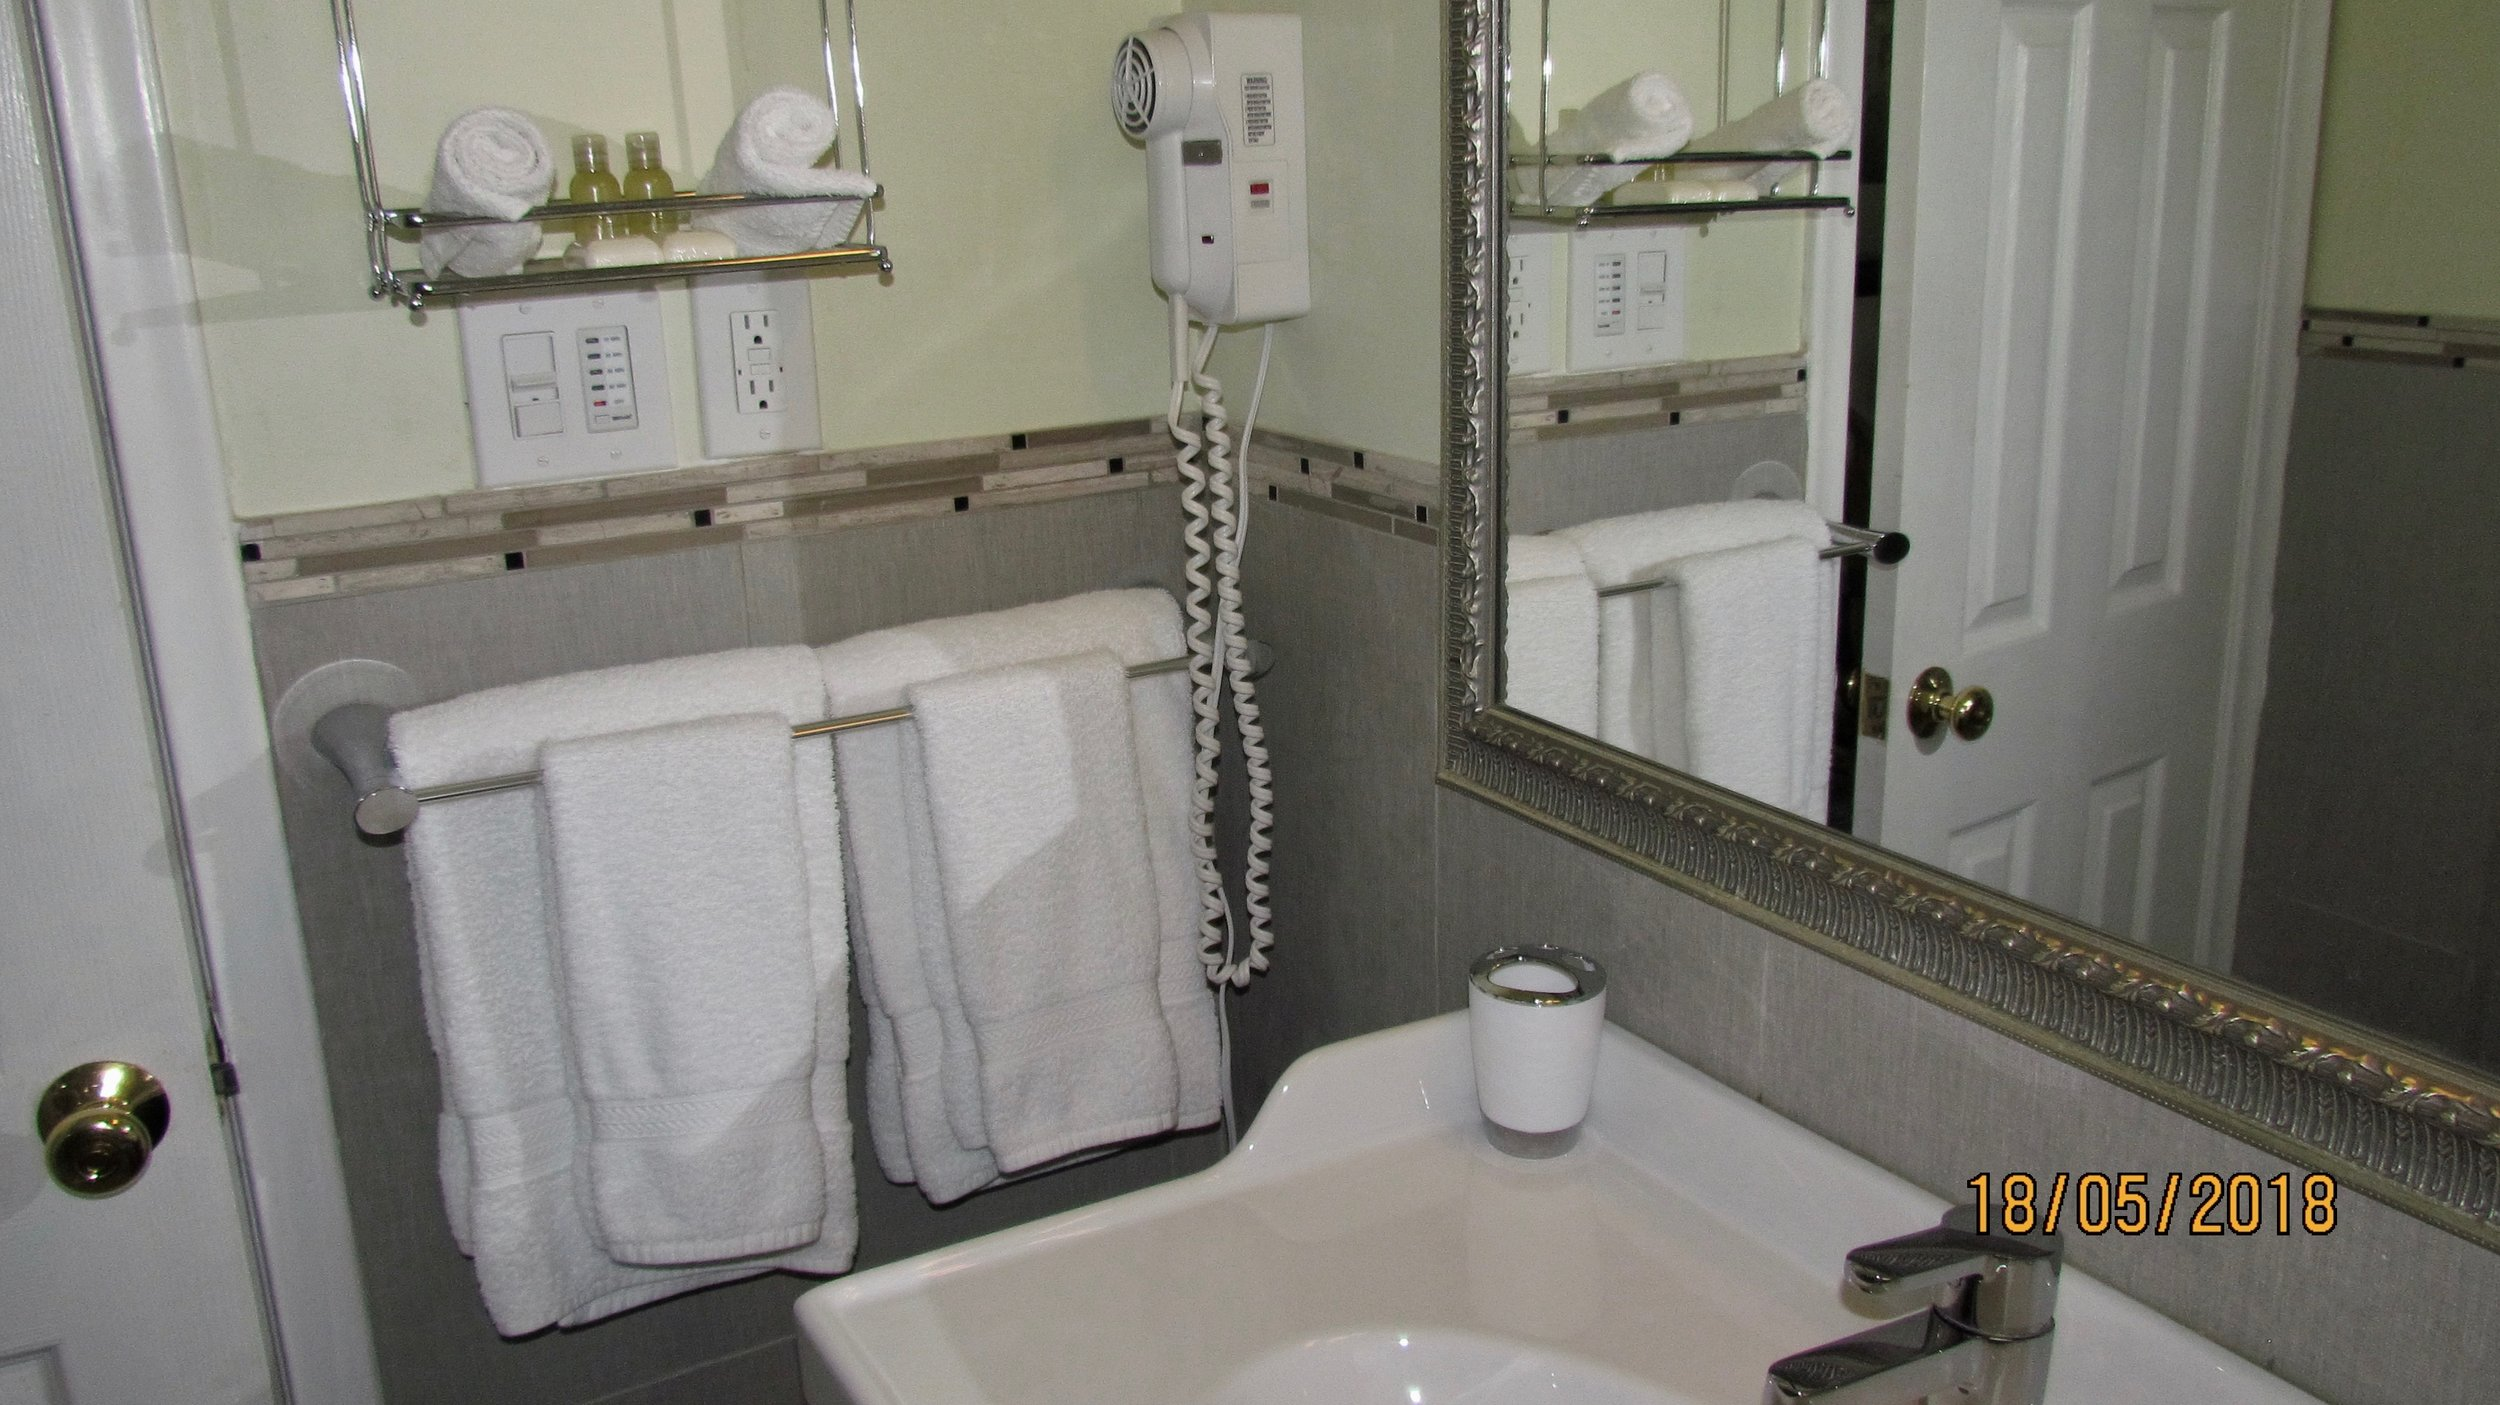 bathroom bnb b&b sink mirror towels